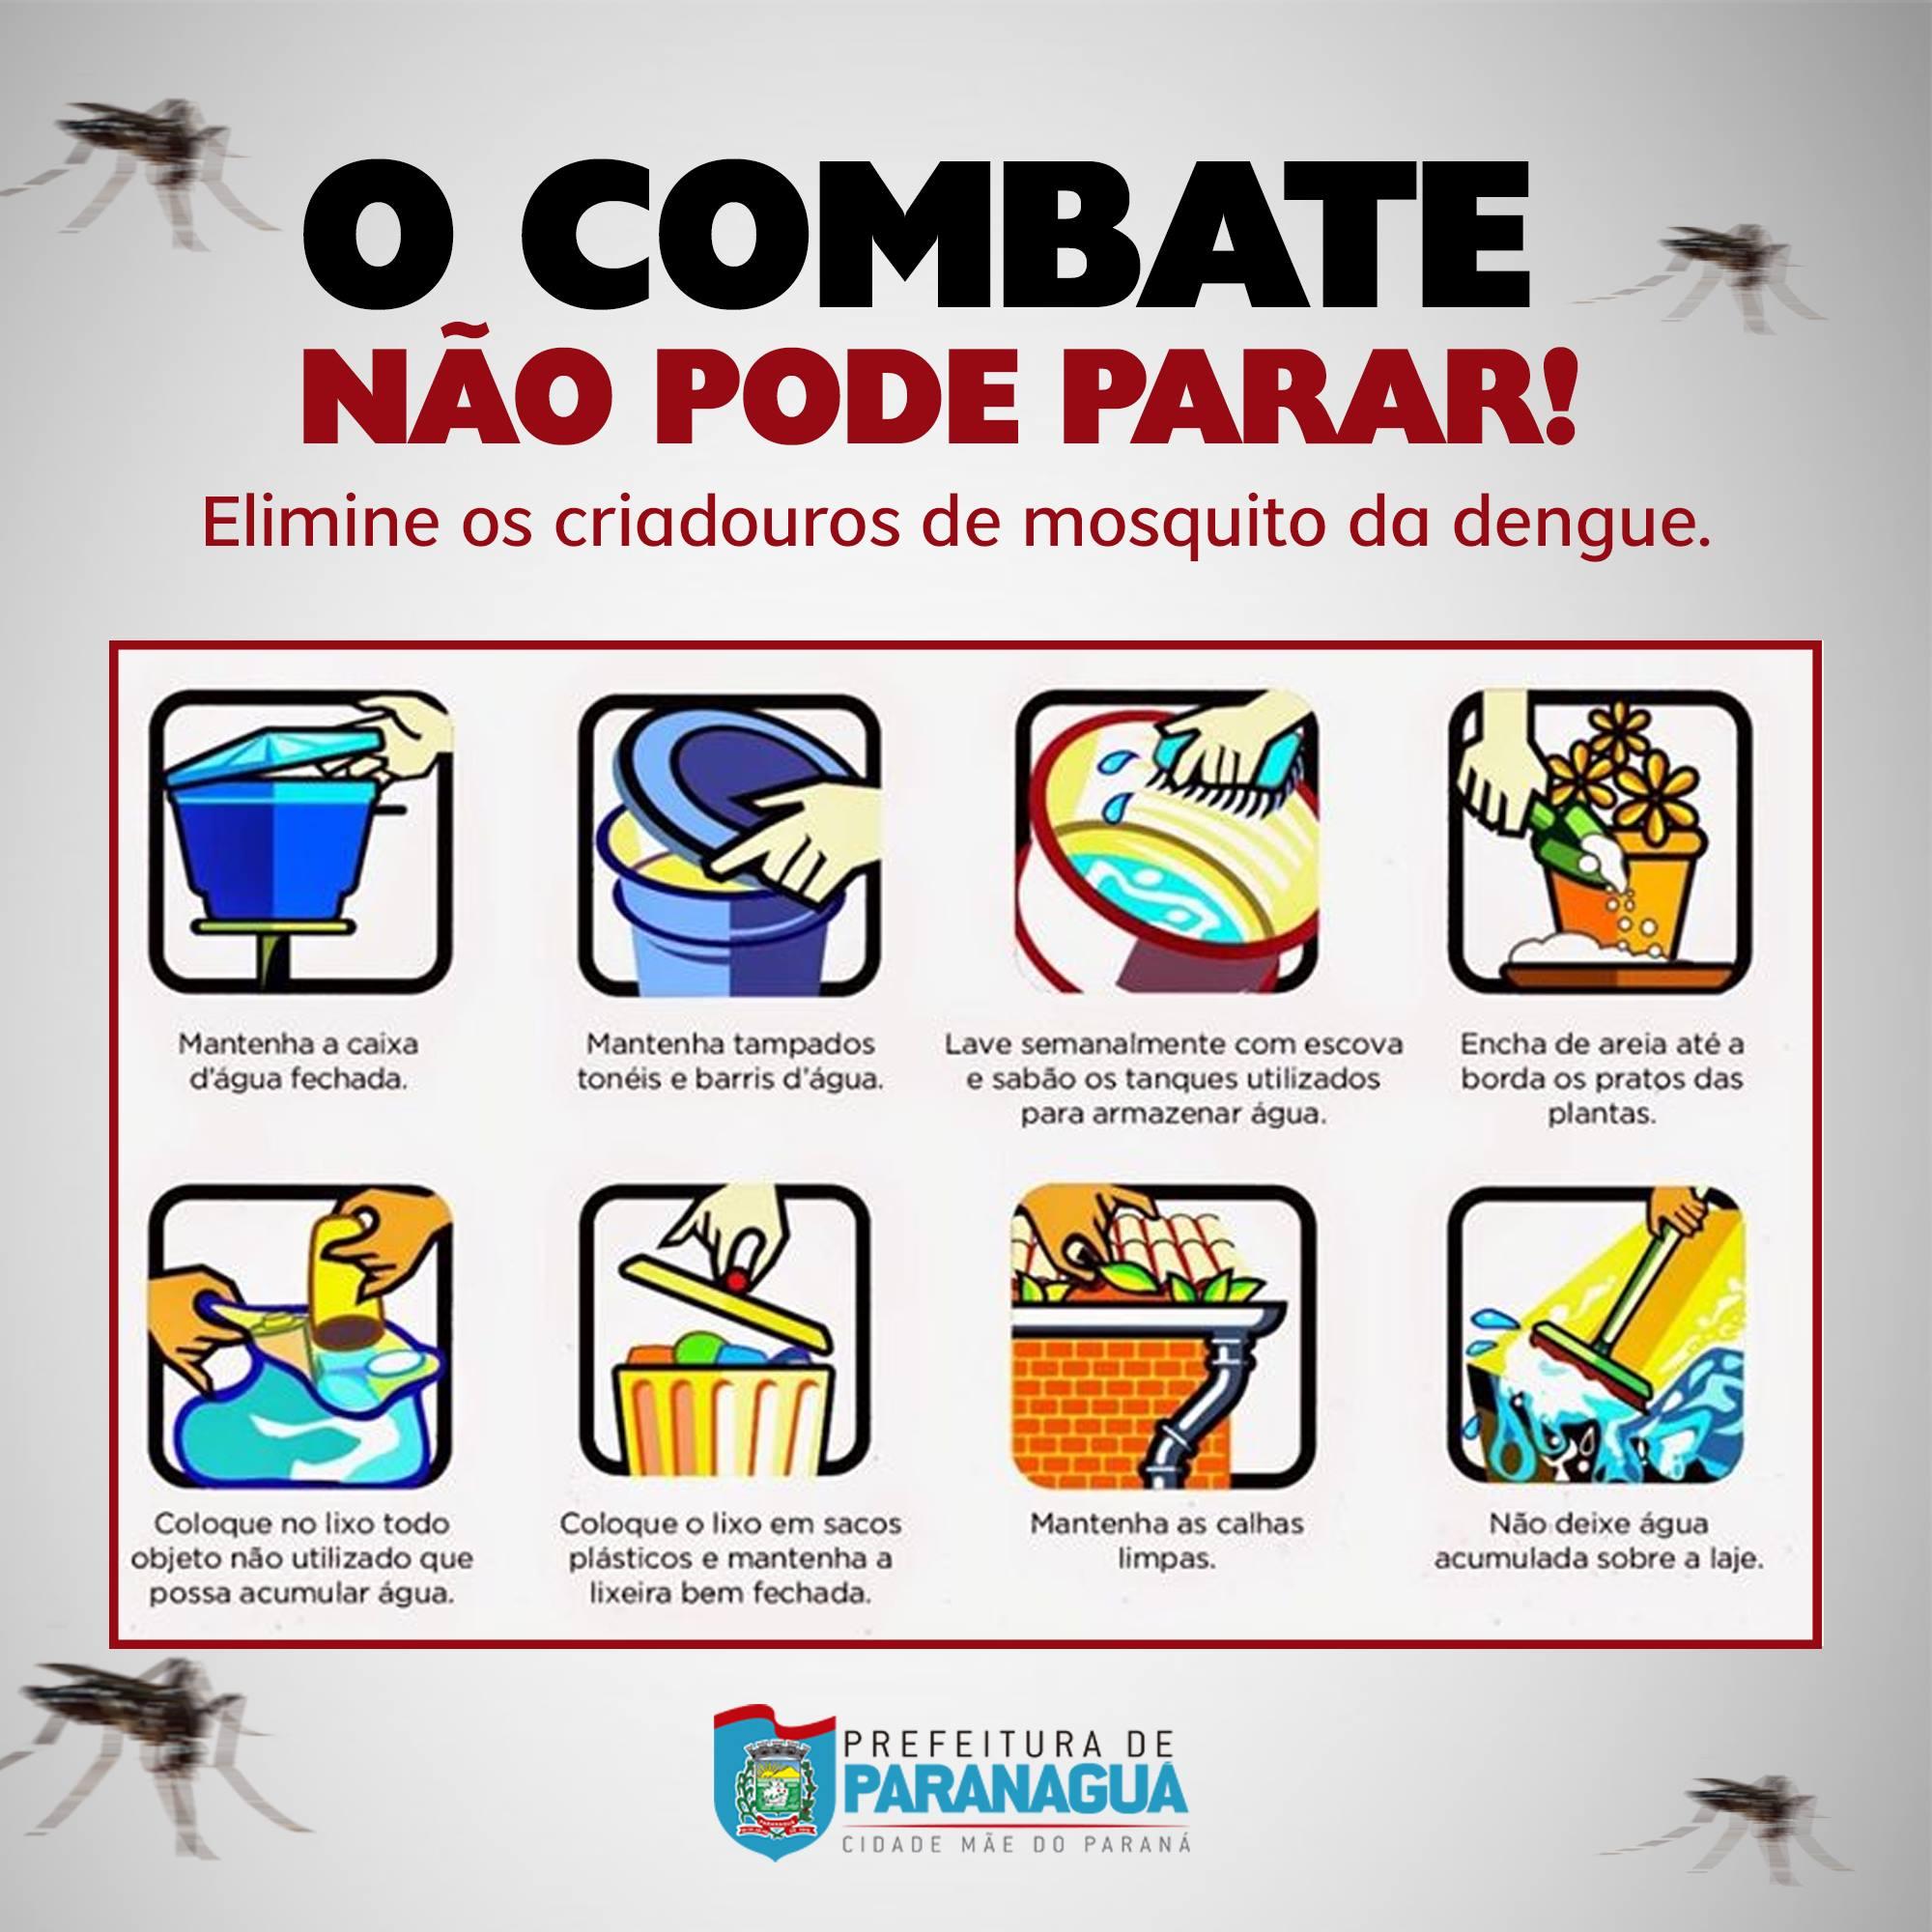 o combate a dengue não pode parar